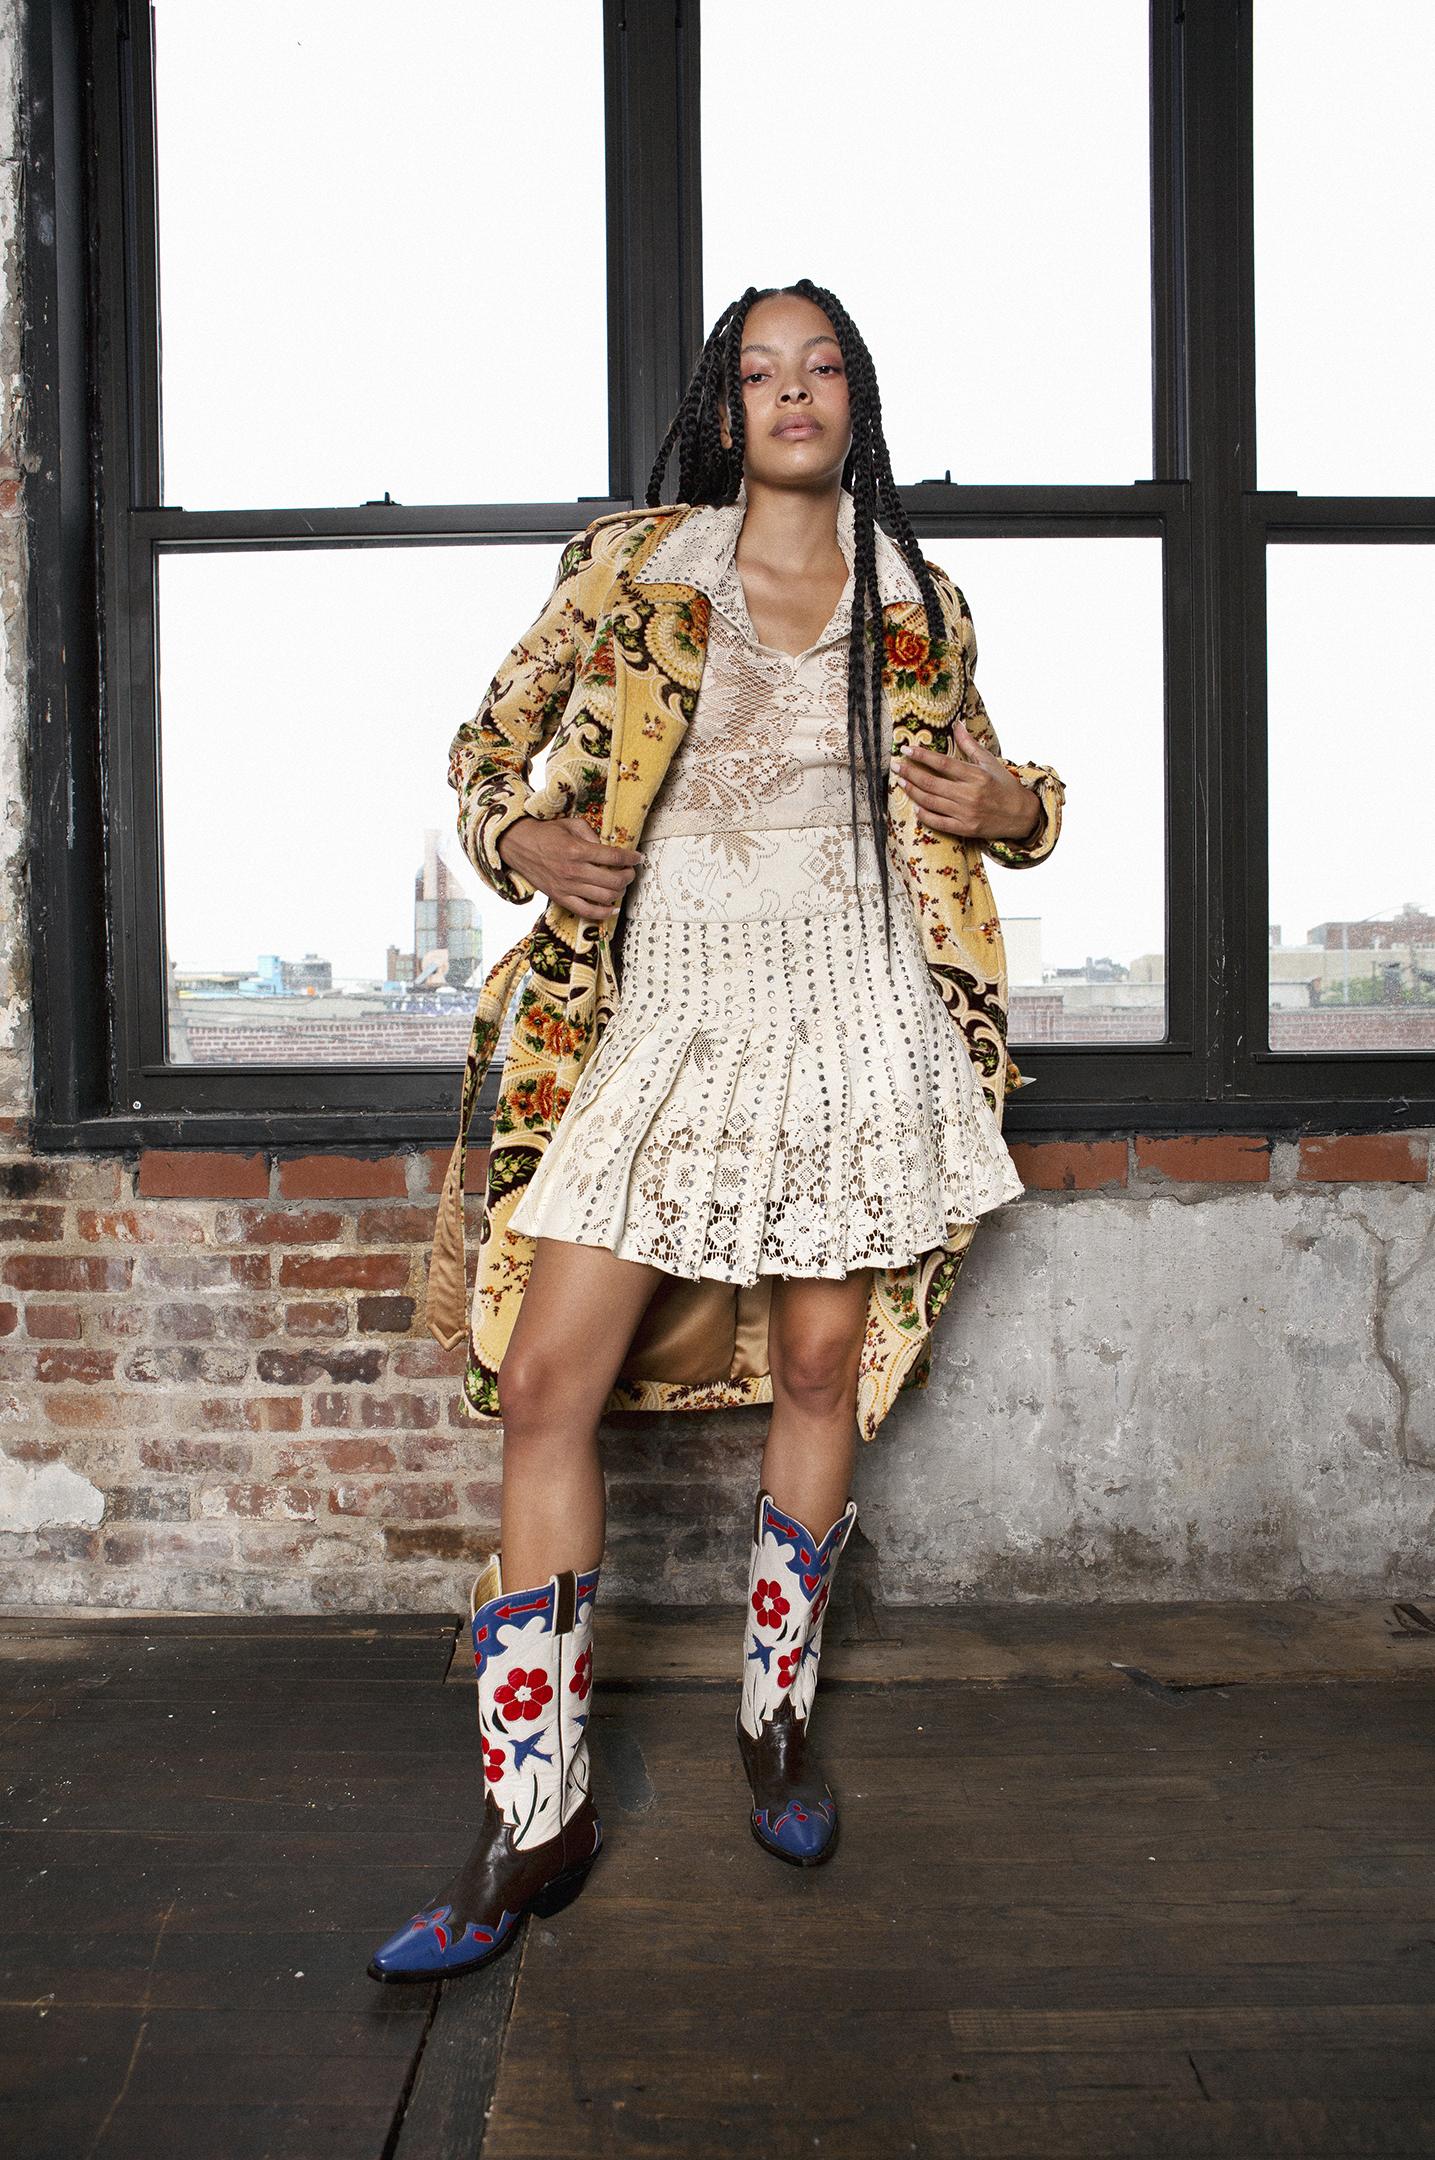 Mia Vesper, nyfw, cowboy boots